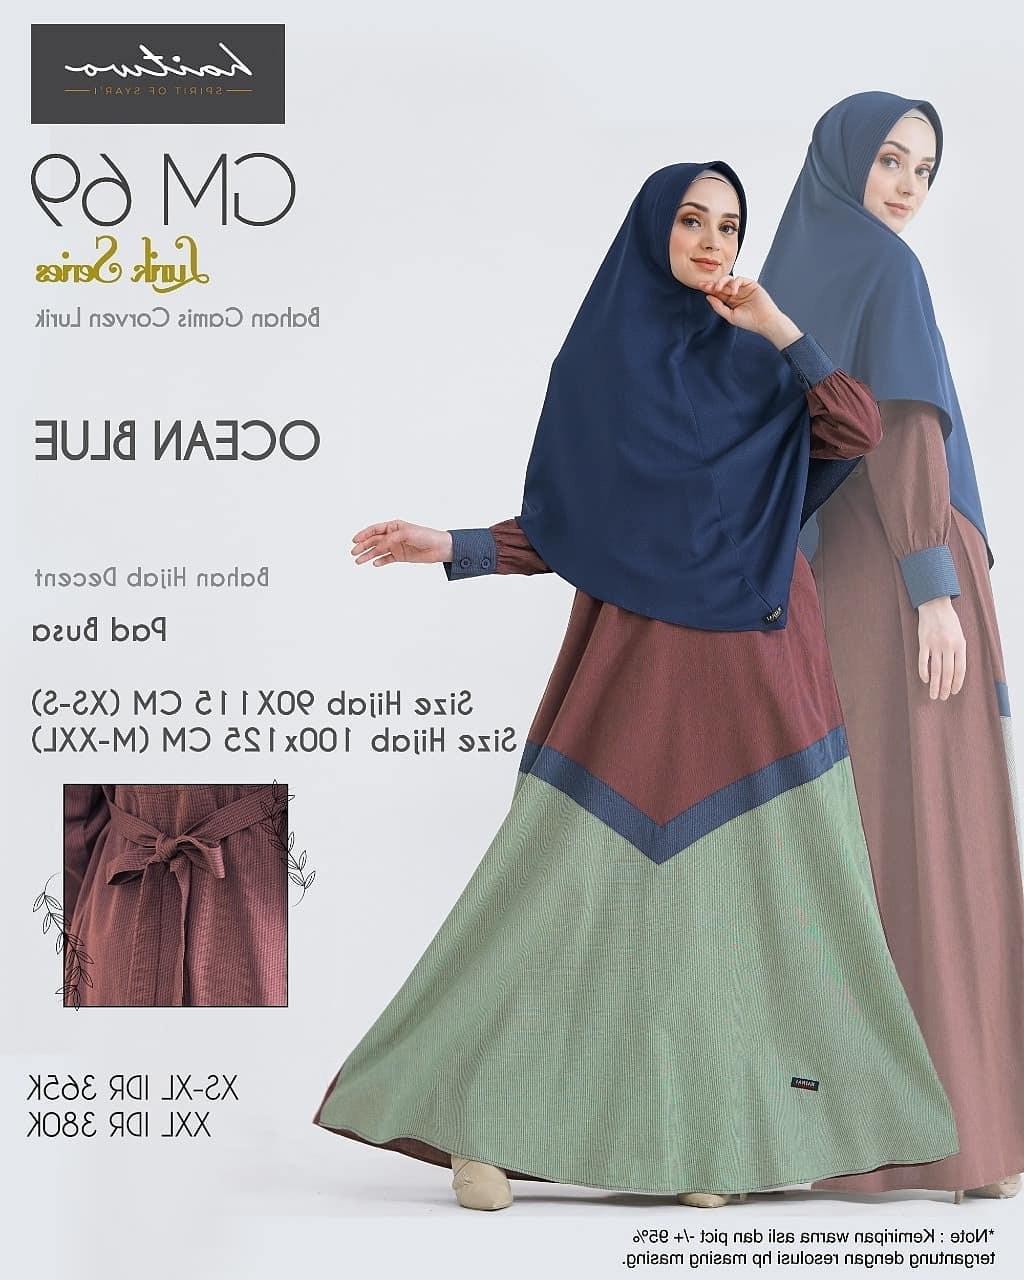 Inspirasi Baju Lebaran Yg Lagi Ngetren 87dx 35 Trend Model Baju Lebaran 2020 Modis Stylish Model